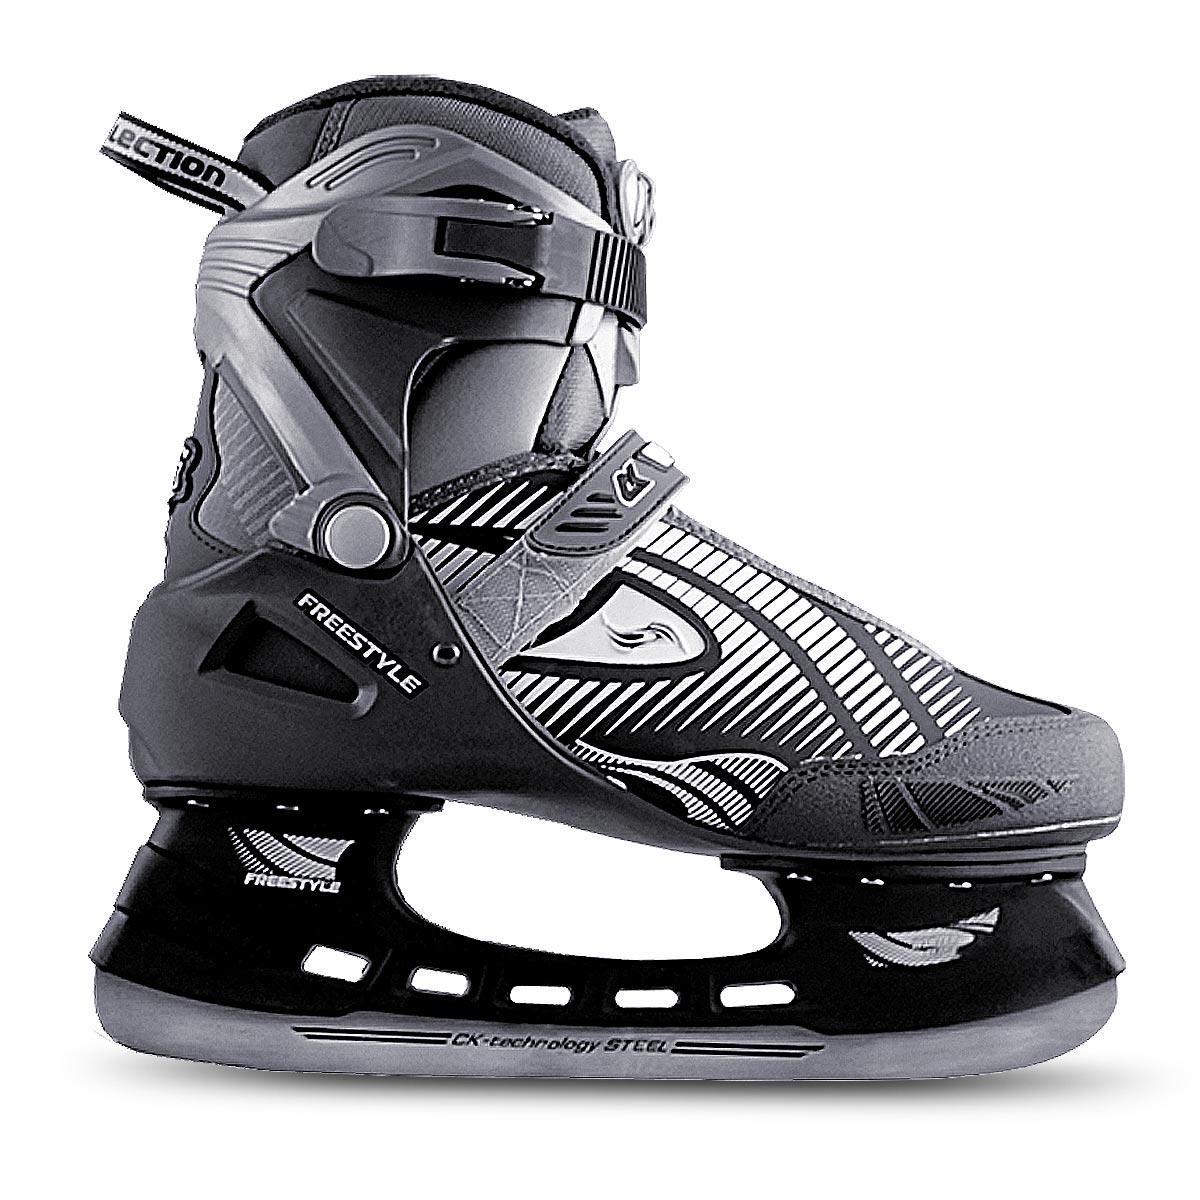 Коньки хоккейные для мальчика СК Freestyle, цвет: серый, черный. Размер 35FREESTYLE_серый, черный_35Оригинальные детские коньки для мальчика от CK Freestyle с ударопрочной защитной конструкцией прекрасно подойдут для начинающих игроков в хоккей. Сапожок, выполненный из комбинации ПВХ, морозостойкой искусственной кожи, нейлона и капровелюра, обеспечит тепло и комфорт во время катания. Внутренний слой изготовлен из фланелета, а стелька - из текстиля. Пластиковая бакля и шнуровка с фиксатором, а также хлястик на липучке надежно фиксируют голеностоп. Плотный мысок и усиленный задник оберегают ногу от ушибов. Фигурное лезвие изготовлено из углеродистой нержавеющей стали со специальным покрытием, придающим дополнительную прочность. Изделие по верху декорировано оригинальным принтом и тиснением в виде логотипа бренда. Задняя часть коньков дополнена широким ярлычком для более удобного надевания обуви. Стильные коньки придутся по душе вашему ребенку.